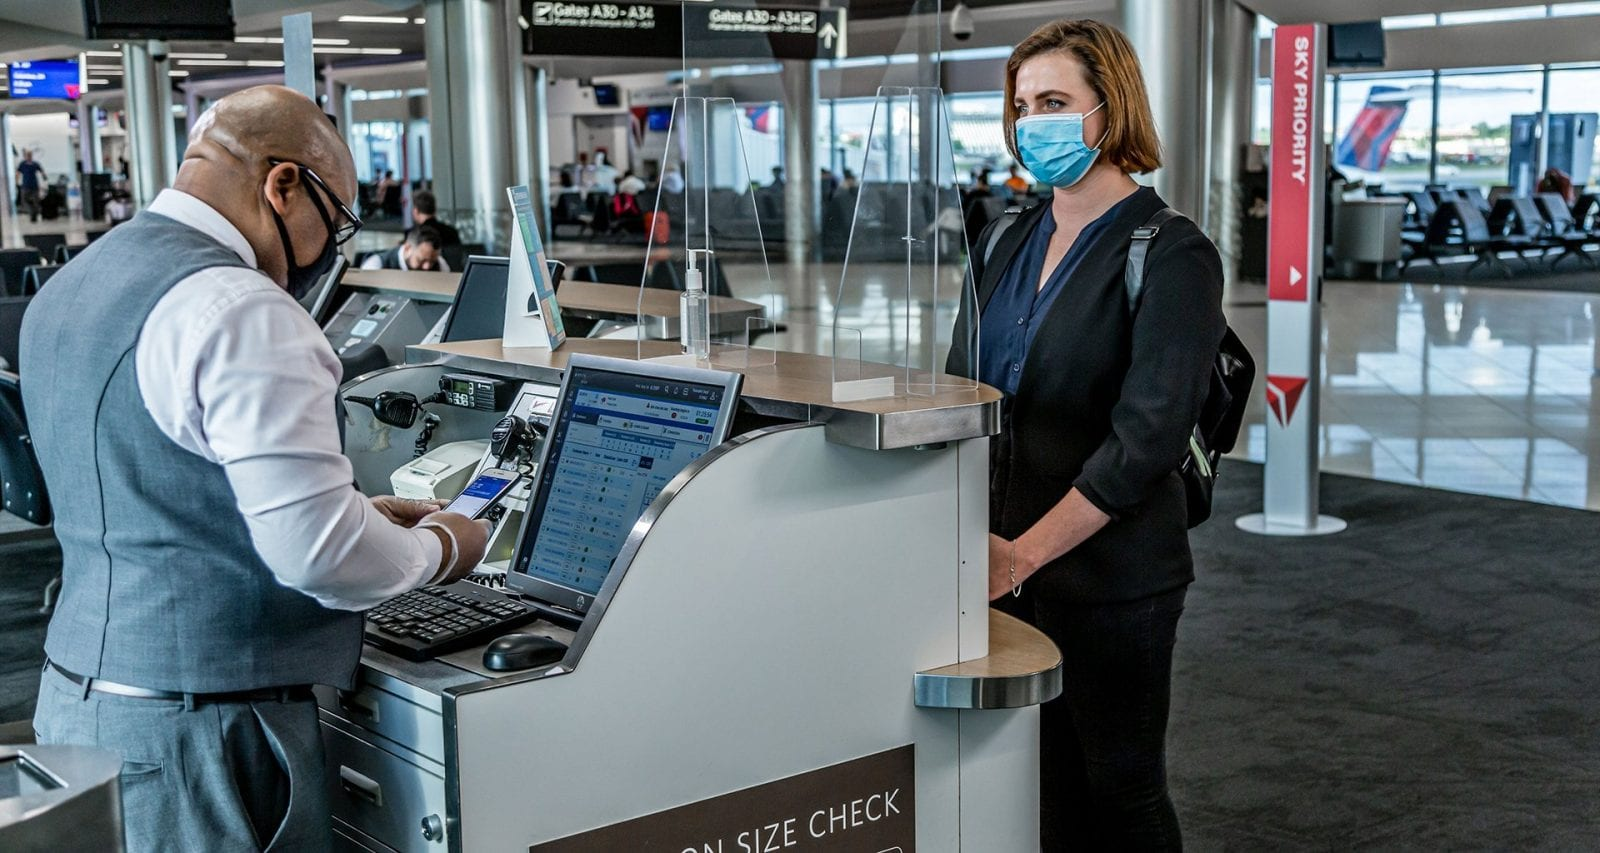 delta airlines customer boarding